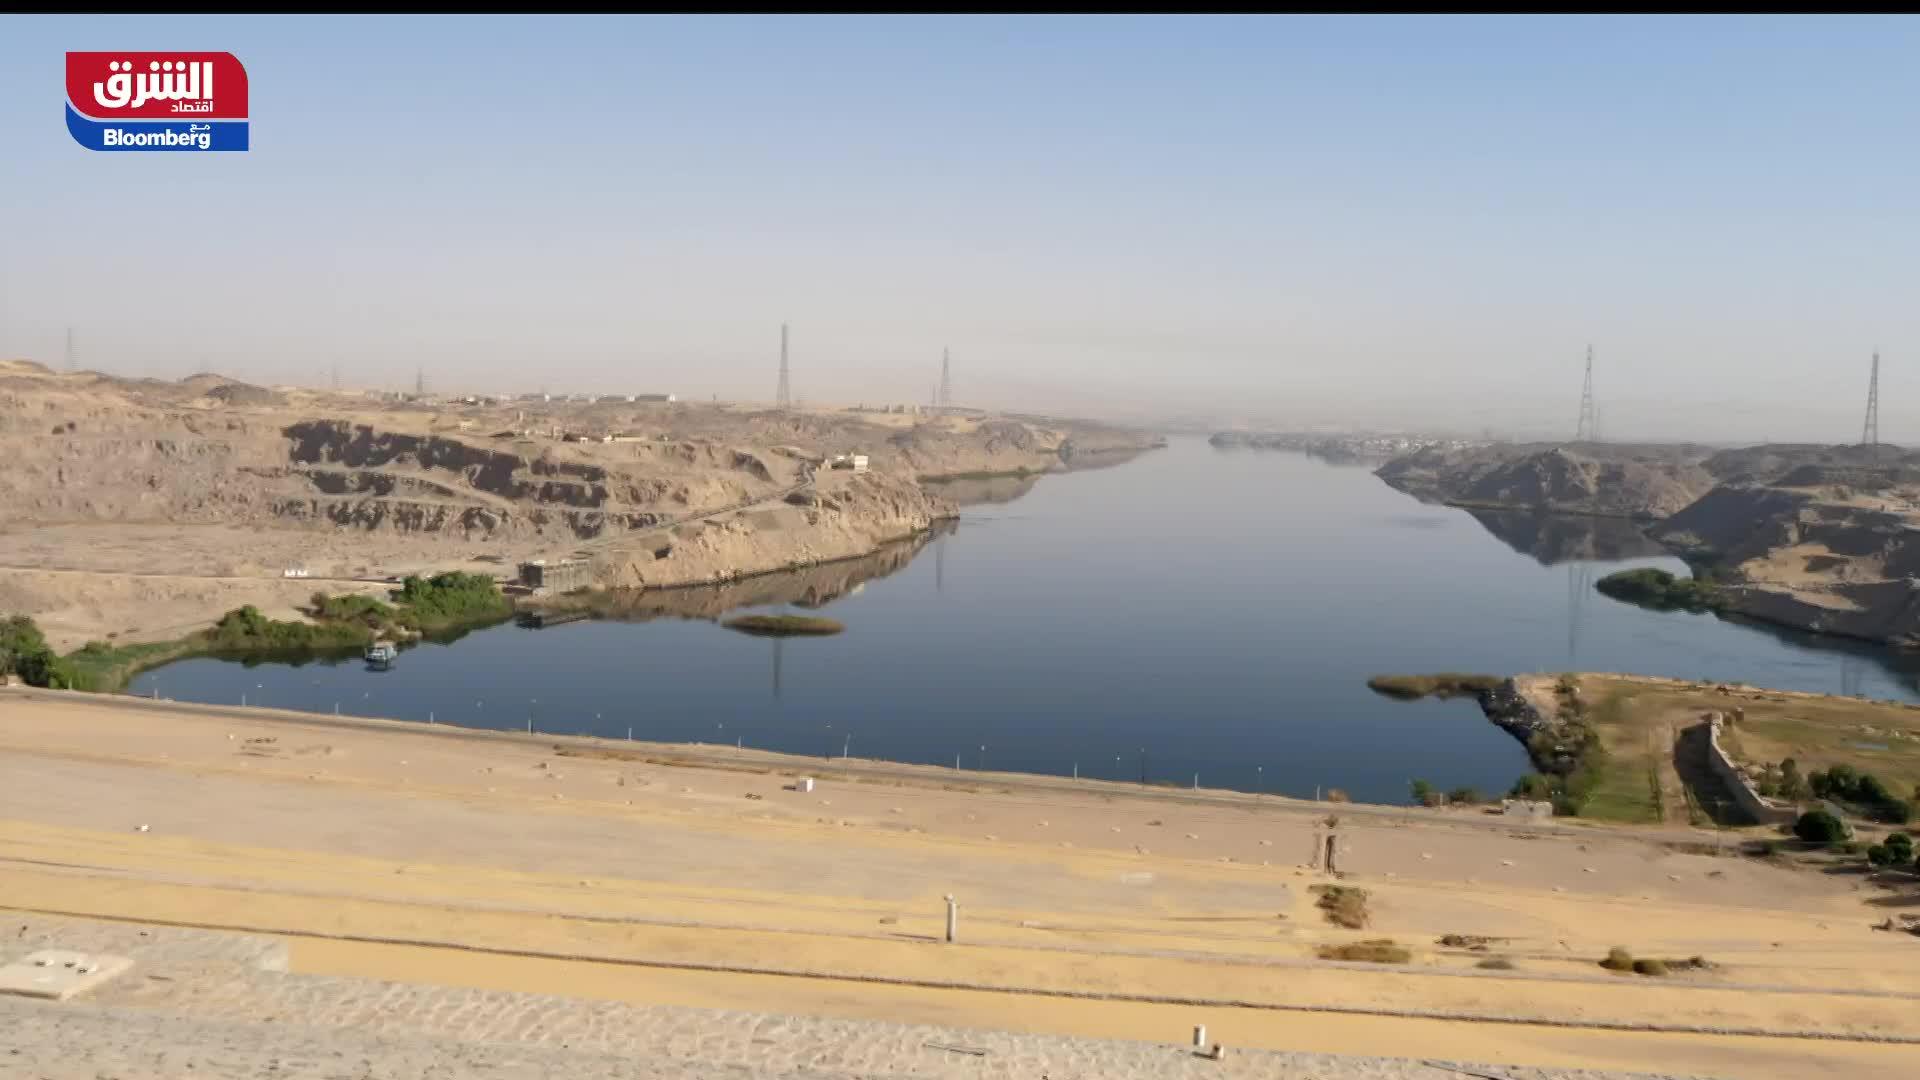 سد النهضة يثير تساؤلات بشأن قدرة السد العالي التوليدية للكهرباء